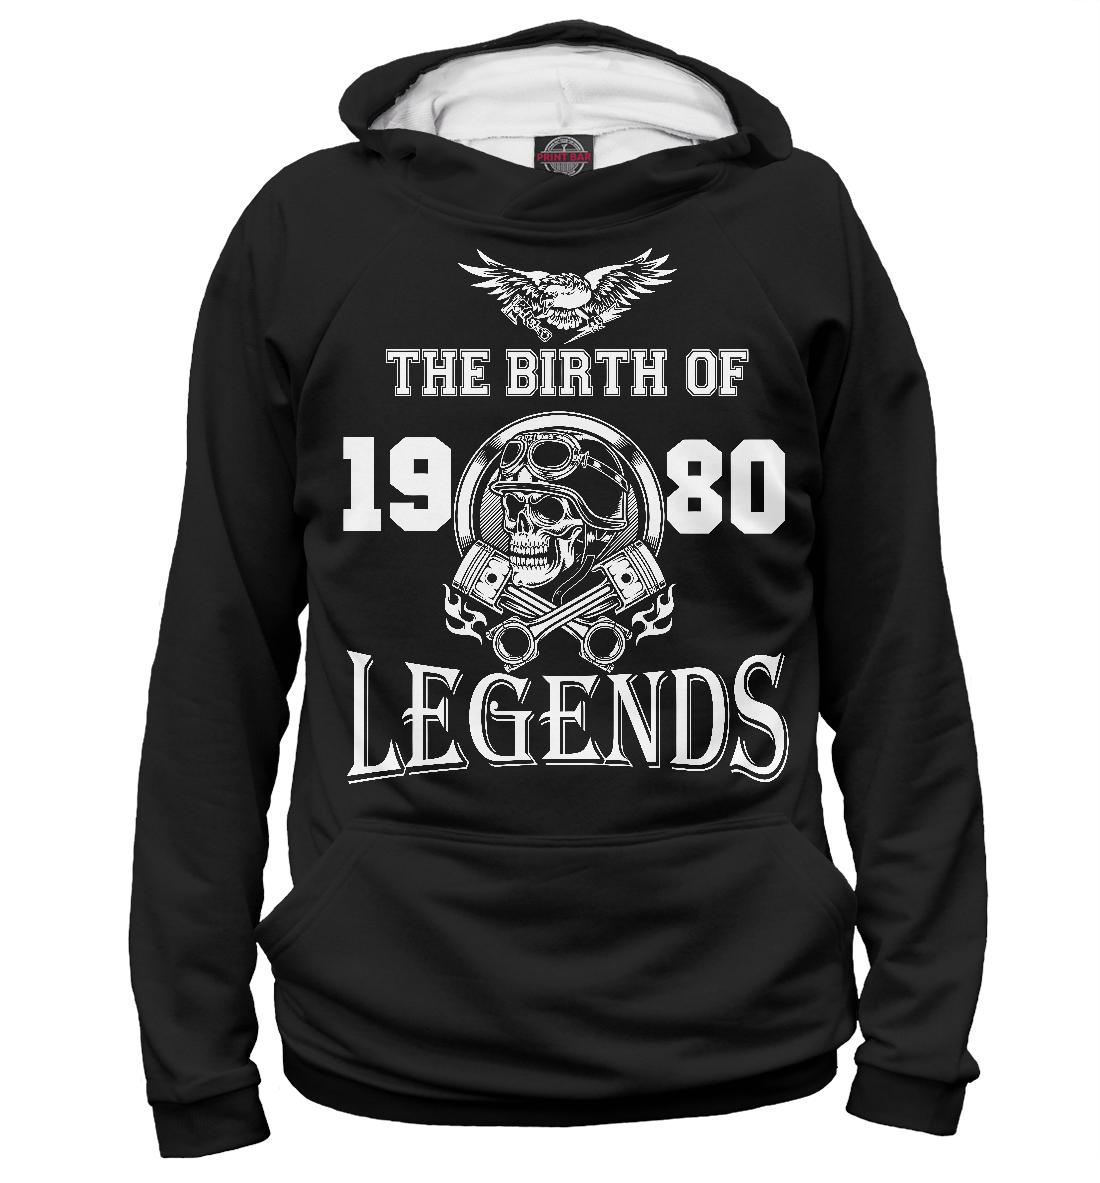 Купить Рождение легенды - 1980, Printbar, Худи, DVH-905825-hud-2